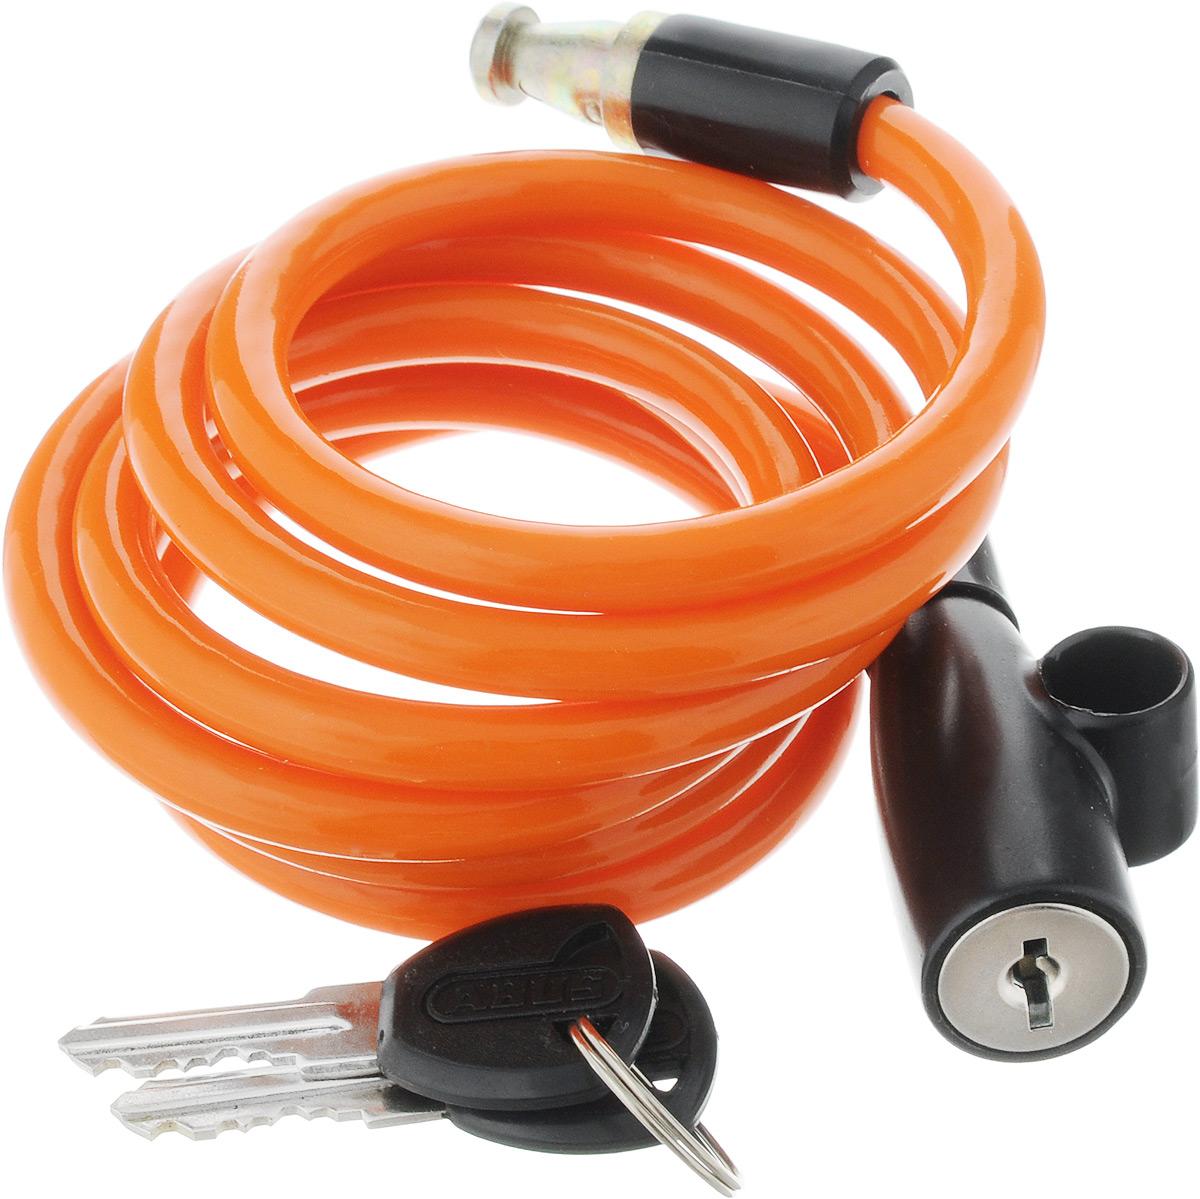 Велозамок Abus 1950/120 Kids, с ключами, цвет: оранжевый, диаметр 7 мм, длина 1,31 м431609_ABUS_оранжевыйВелосипедный замок Abus 1950/120 Kids - это отличная вещь для сохранности вашего велосипеда. Замок, выполненный из прочного пластика, оснащен металлическим тросом обтянутым мягким ПВХ. Блокируется при помощи ключа.Количество ключей: 2 шт.Диаметр троса: 7 мм.Длина: 1,31 м.